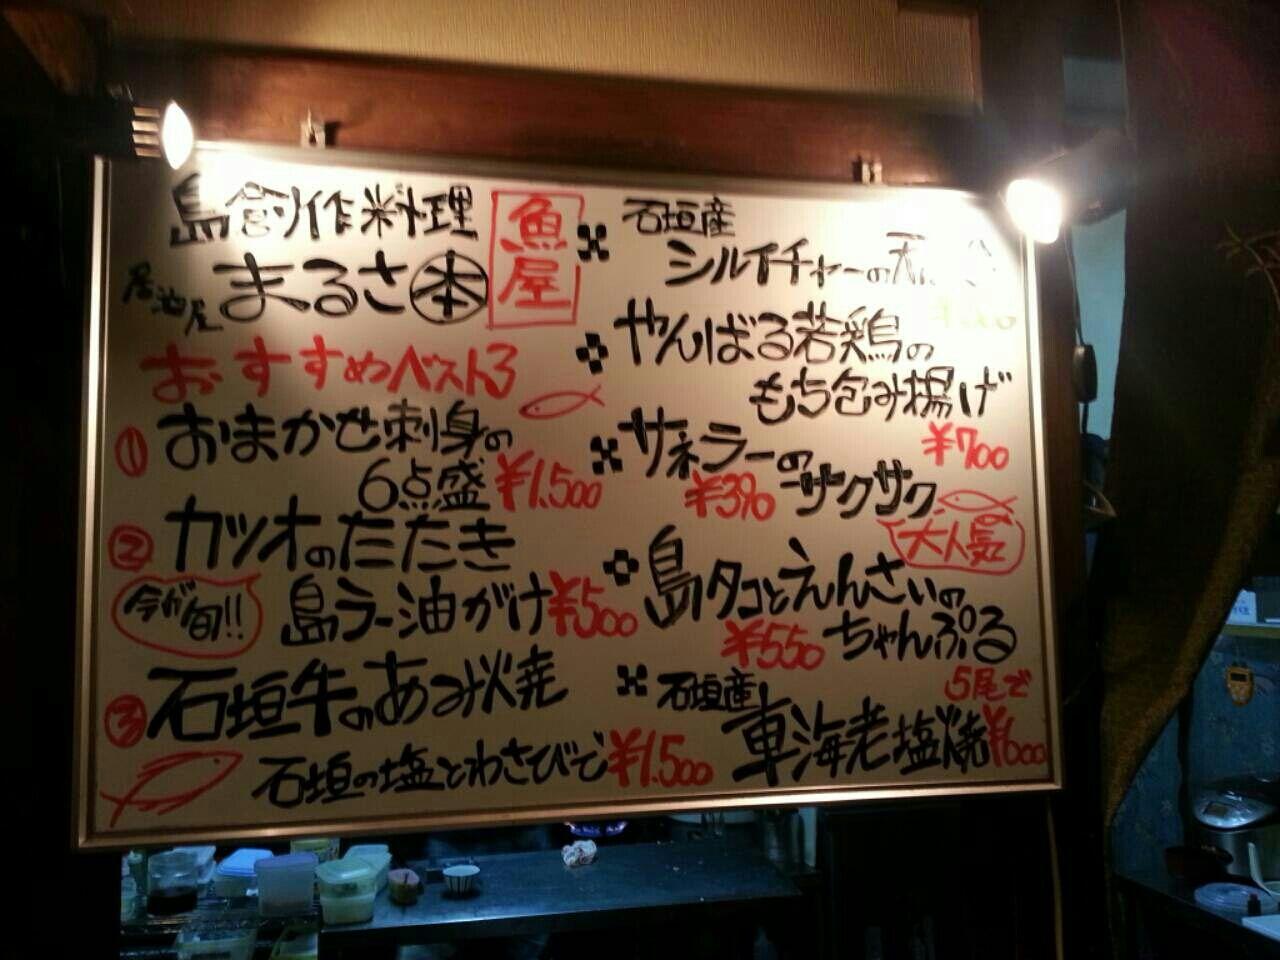 居酒屋『まるさ』で夕食 : 続たまプラーザ日記